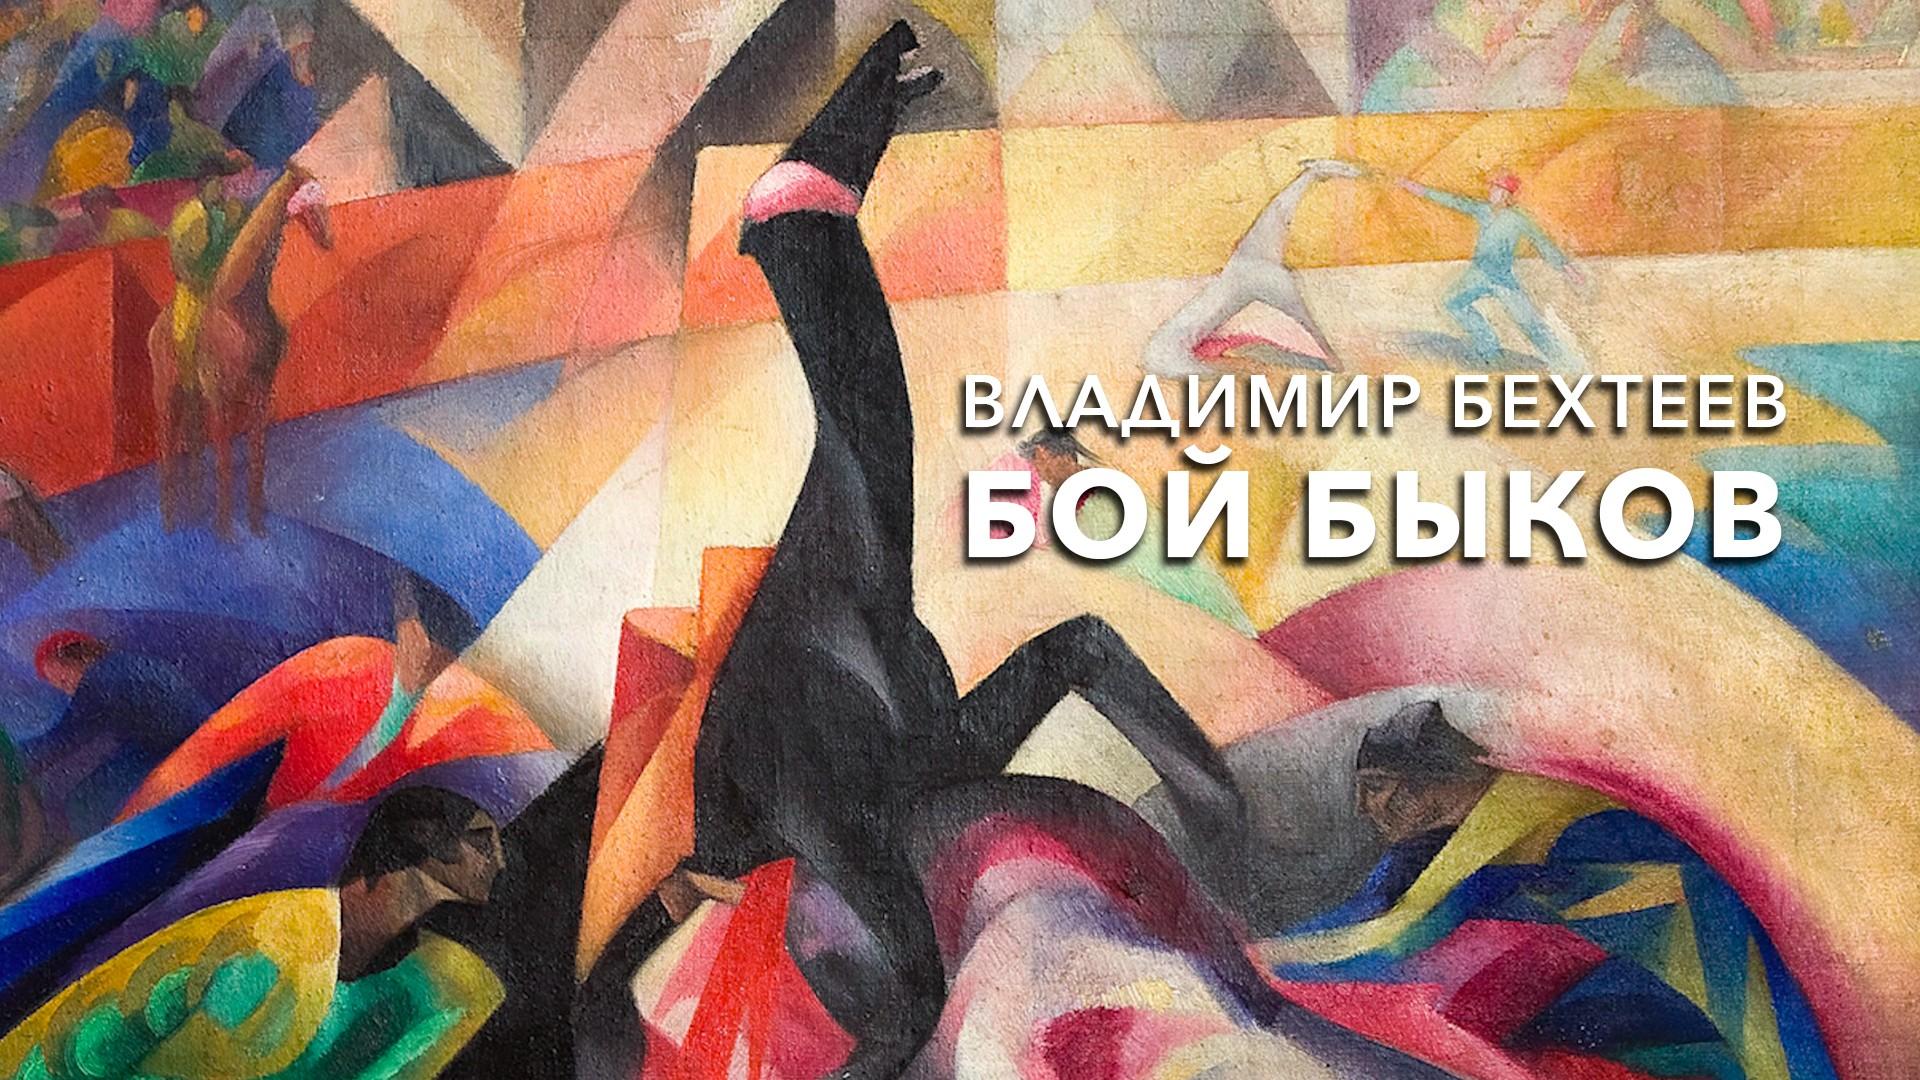 Владимир Бехтеев. Бой быков